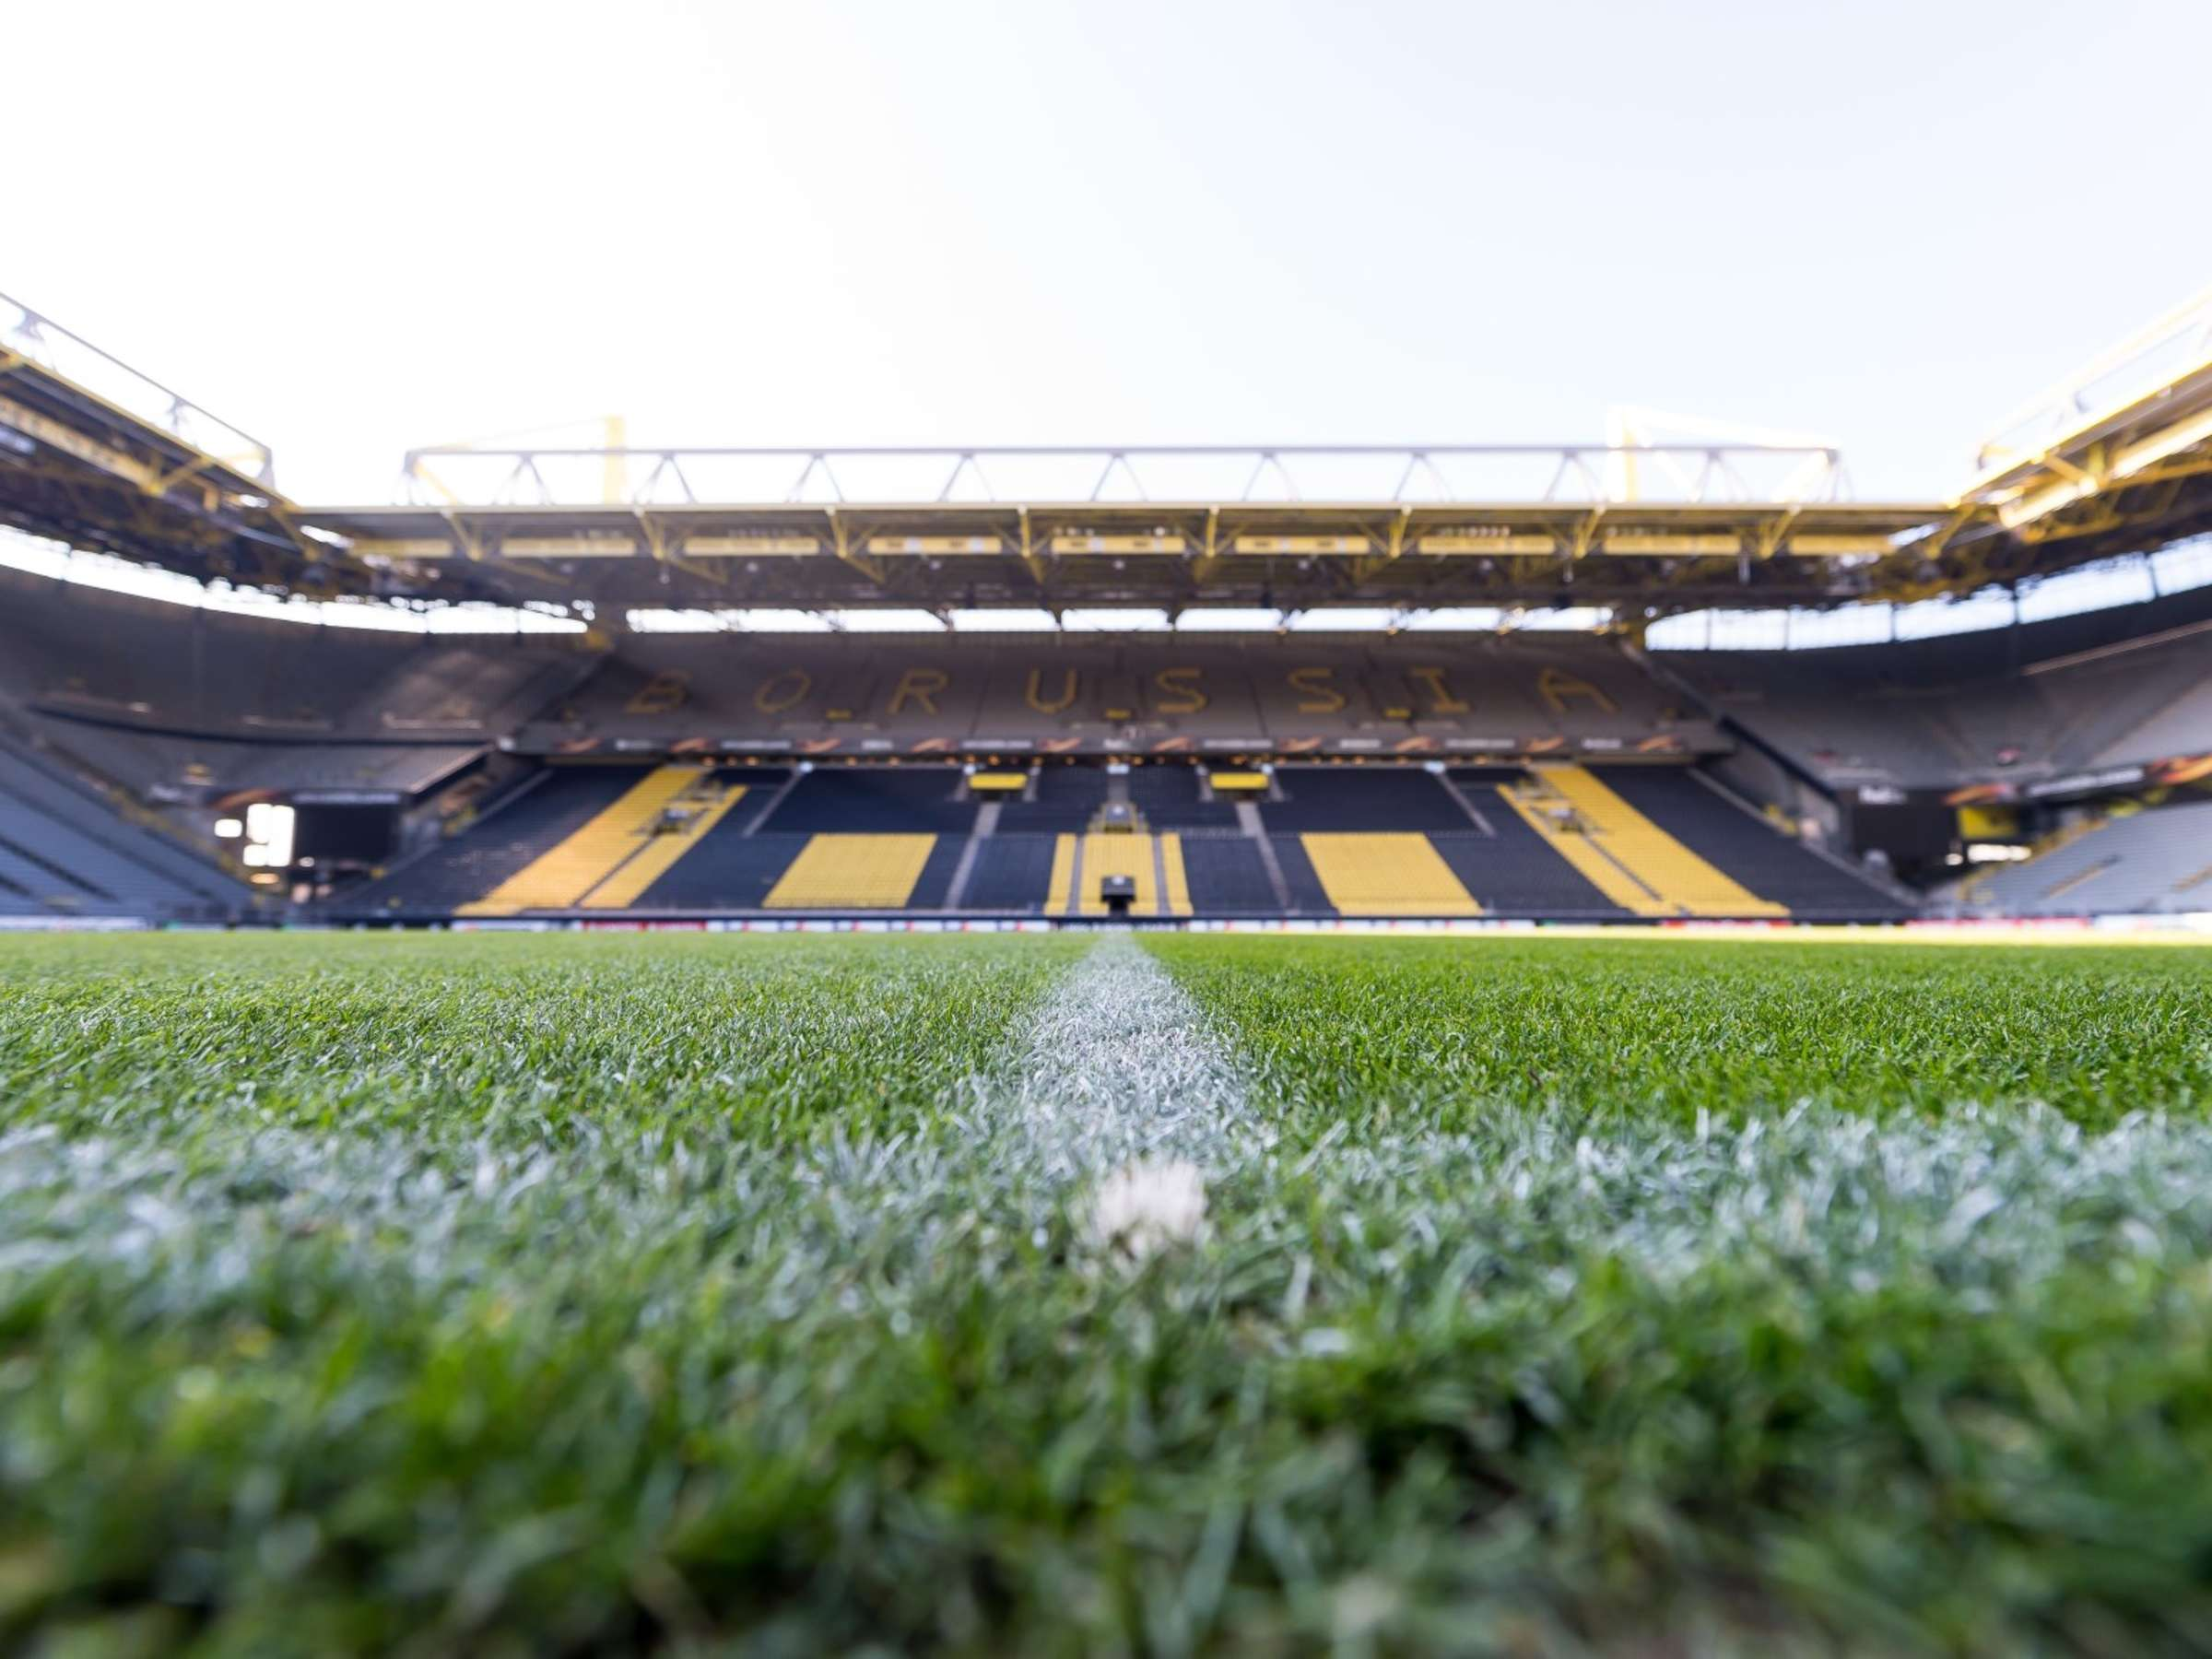 Fußball Stadion Fans Rasen Wandtattoo Wandsticker Wandaufkleber E0684